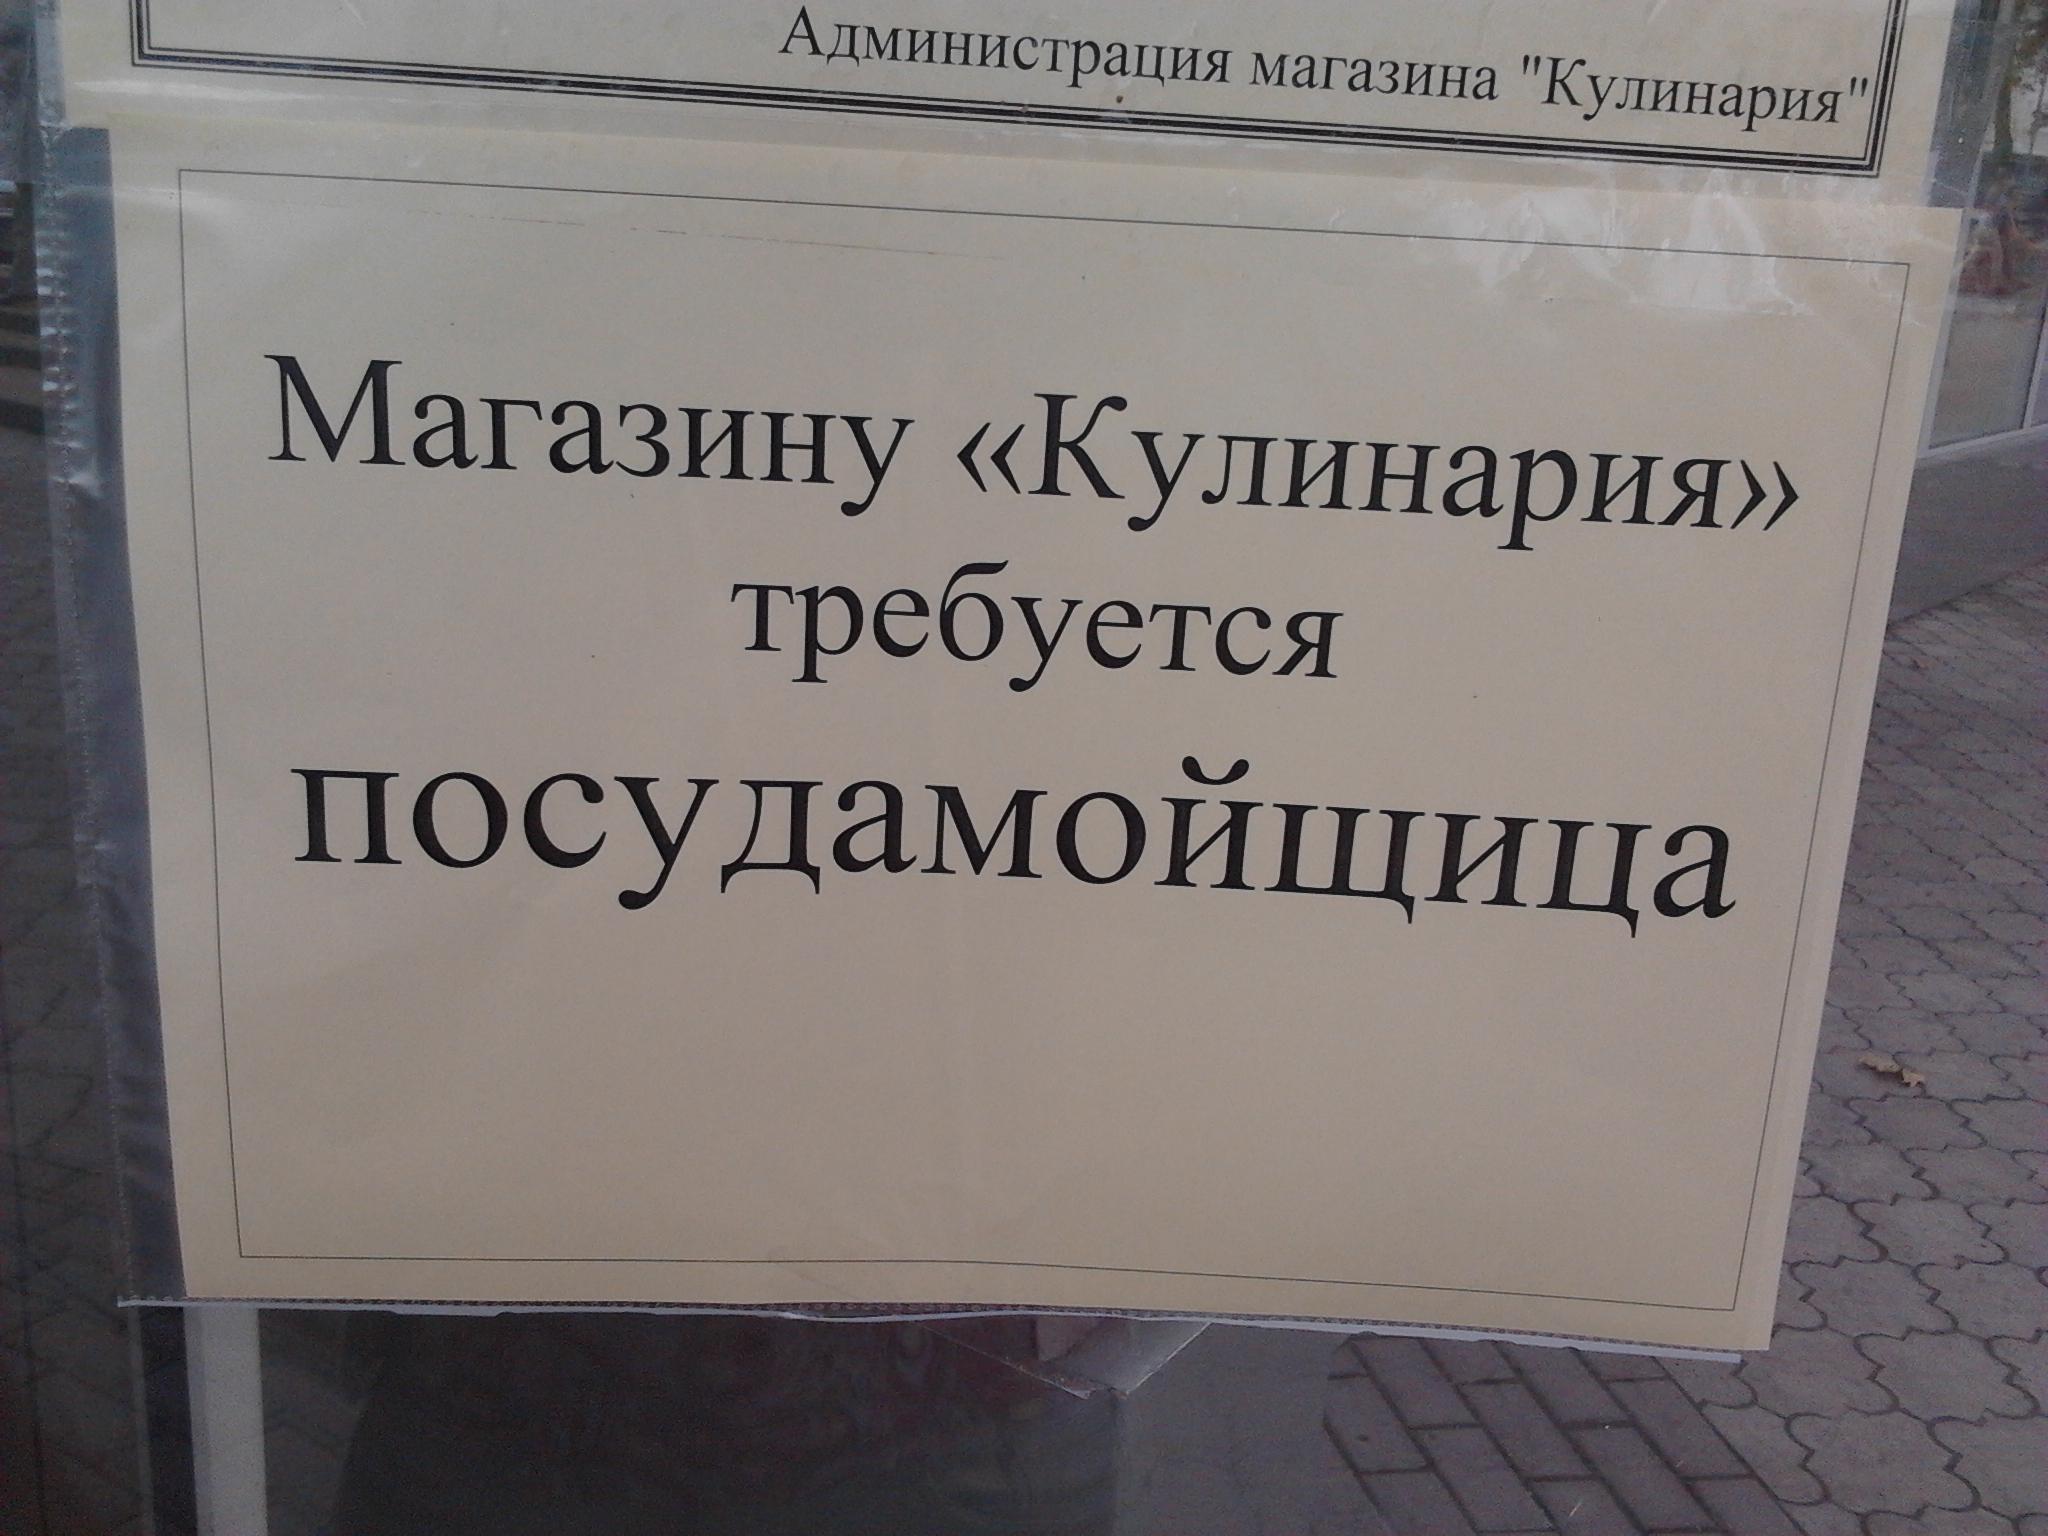 1615457552_5.jpg